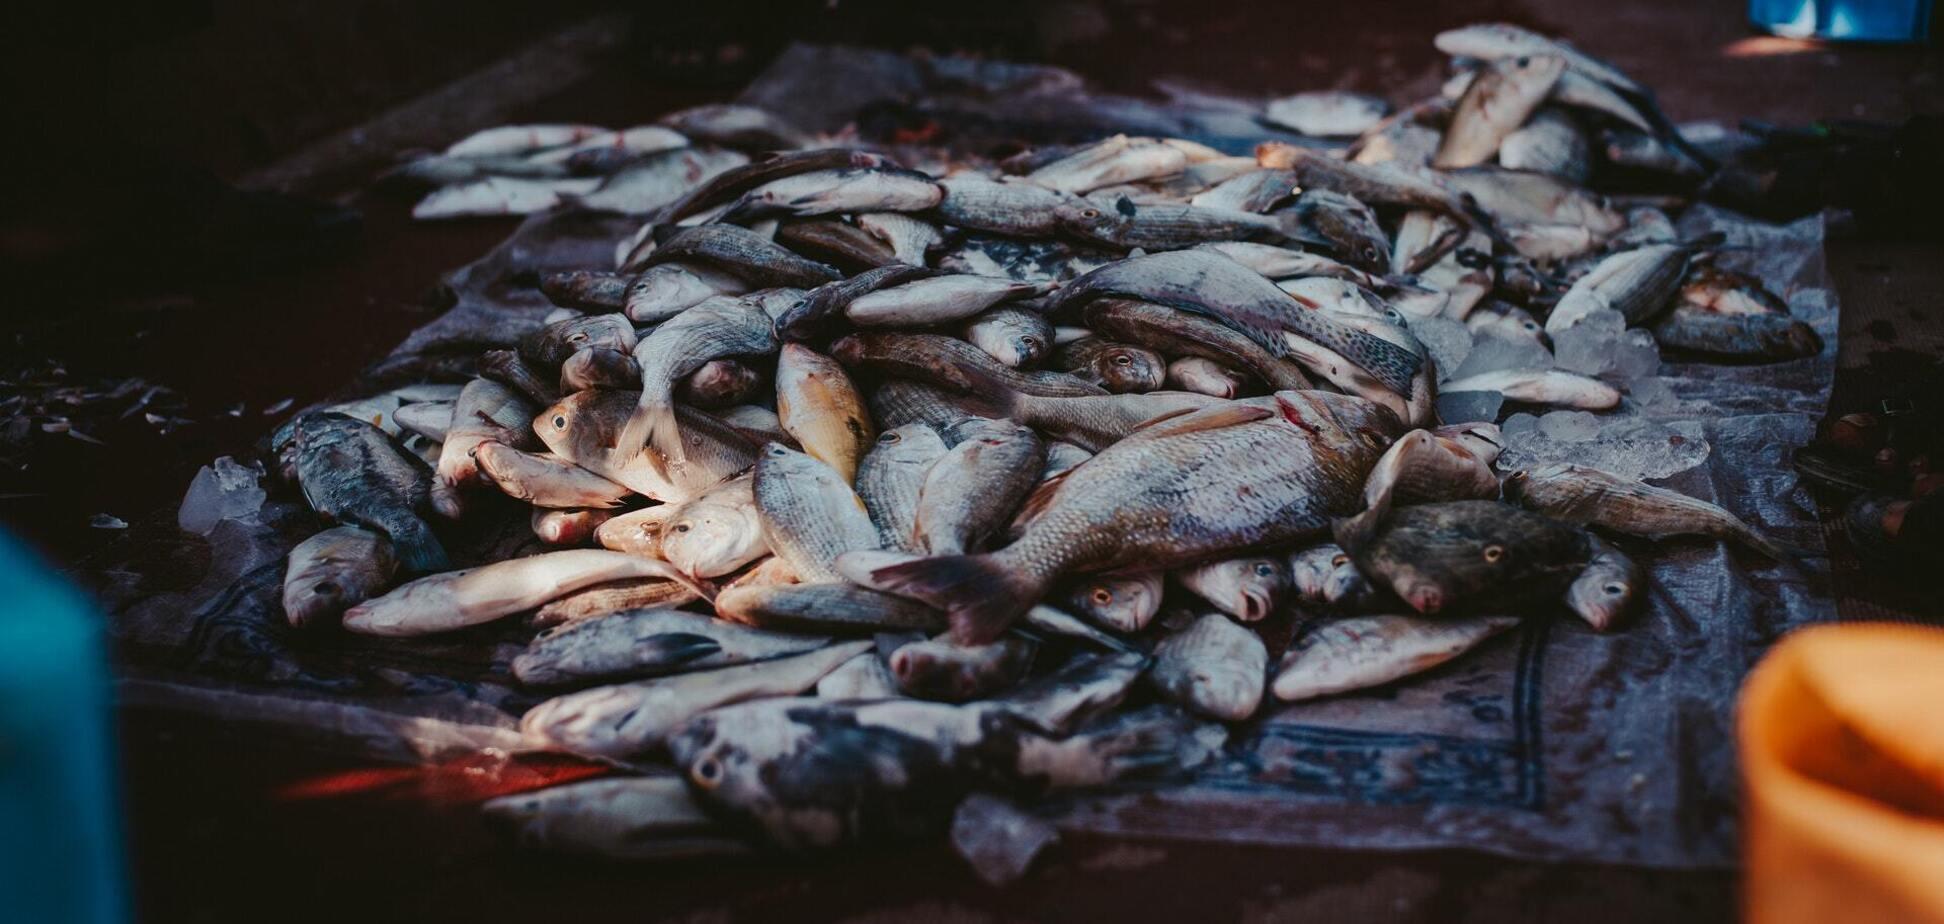 Какая рыба может вам сильно навредить